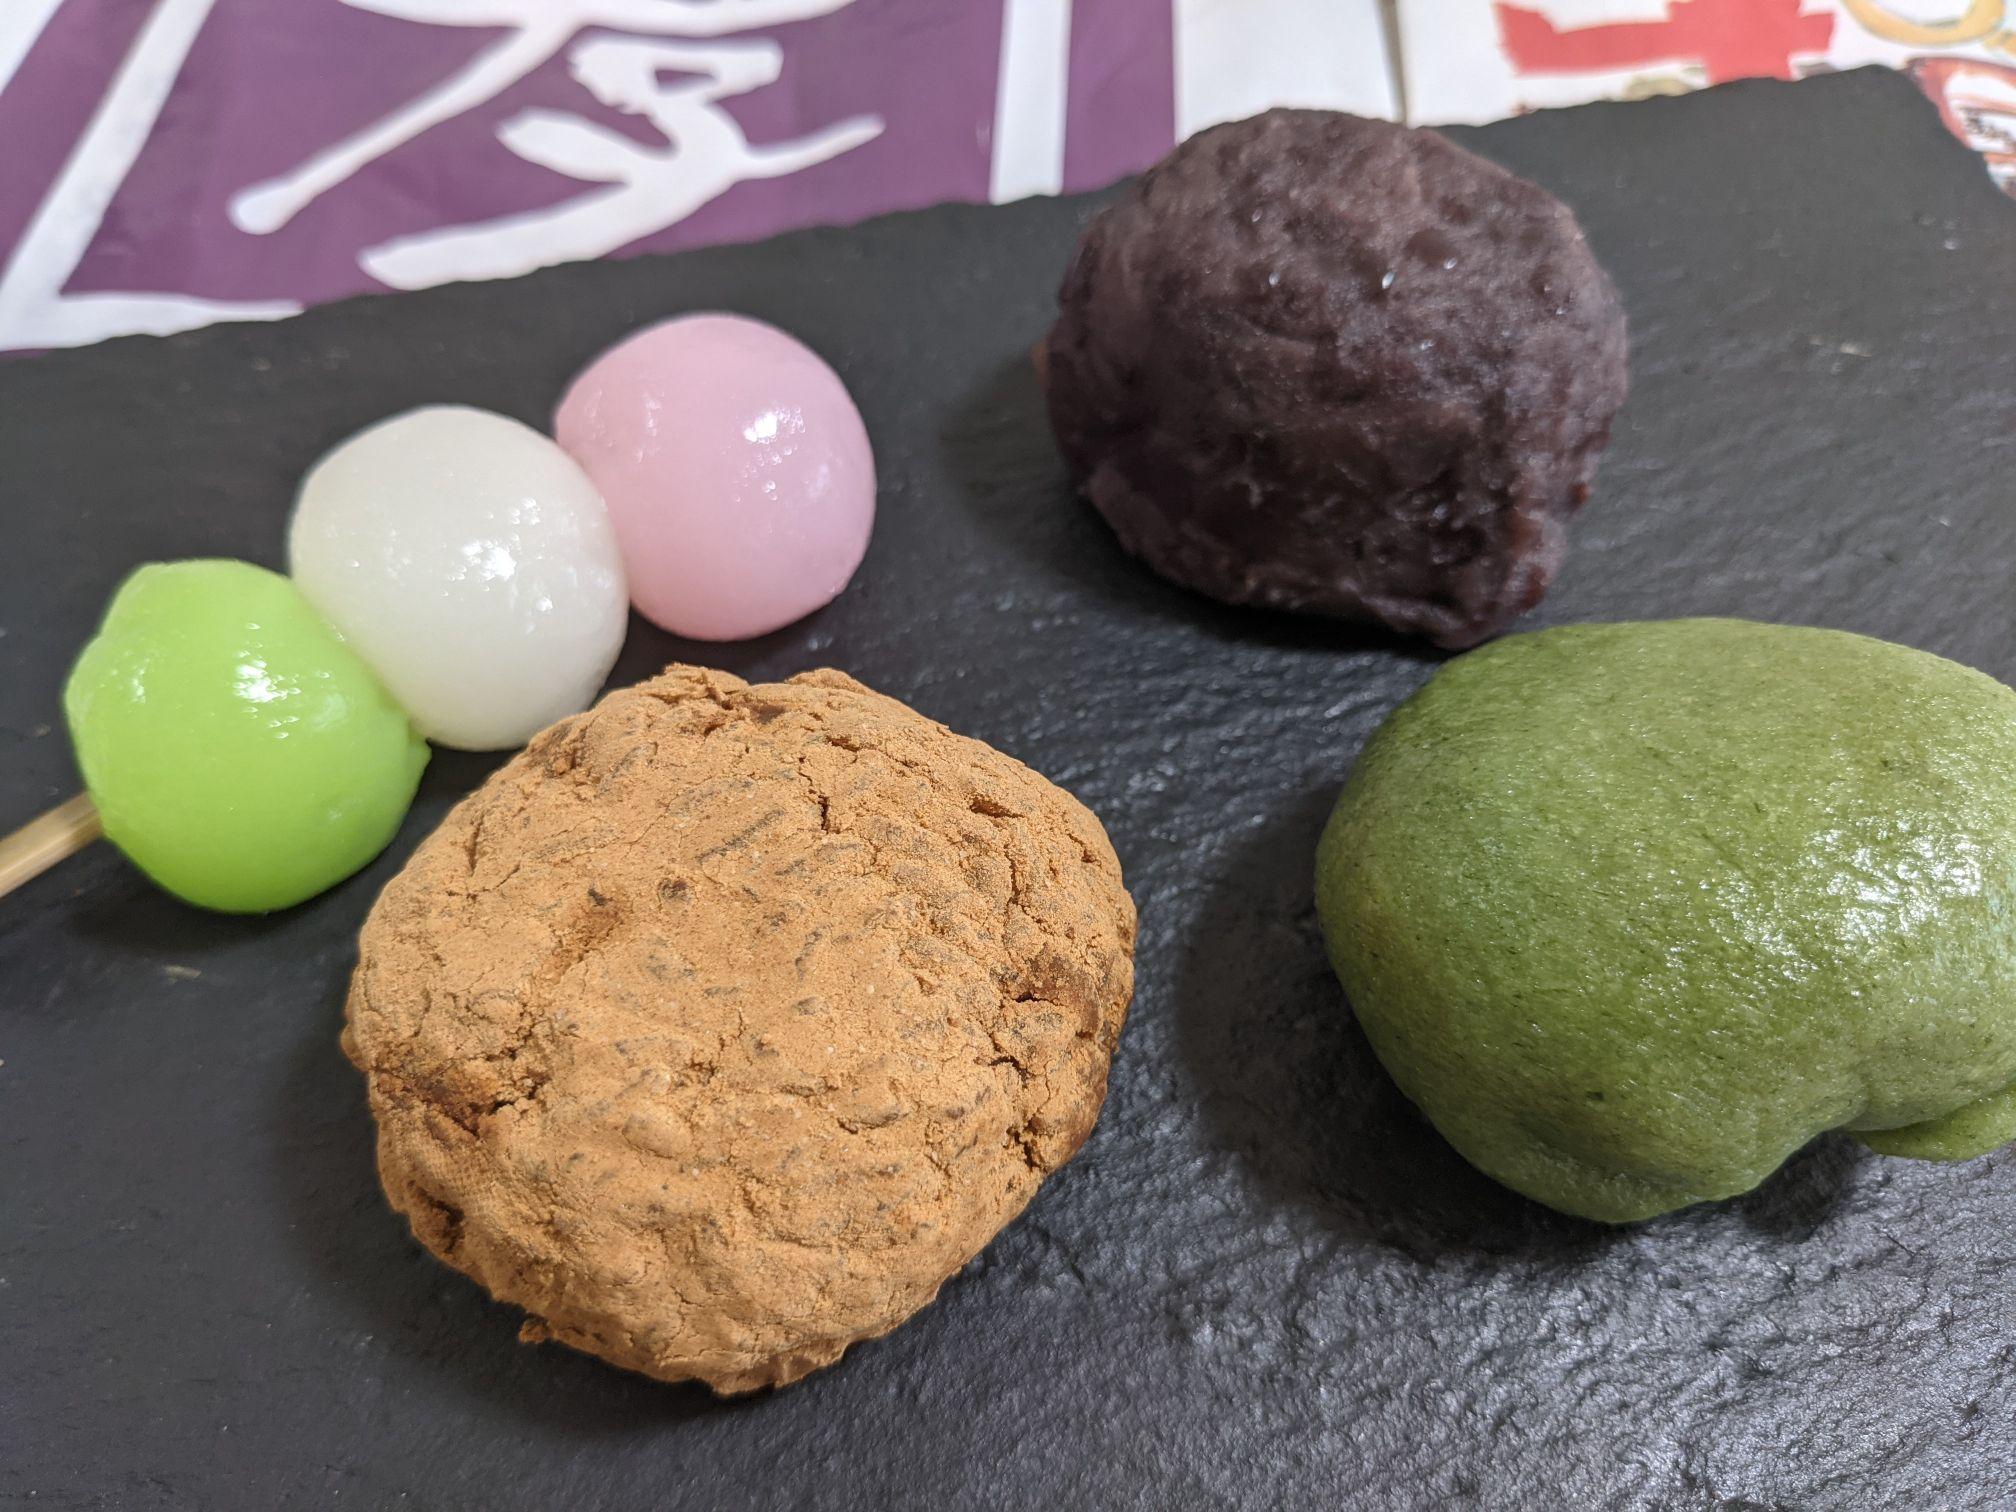 孝和堂の和菓子